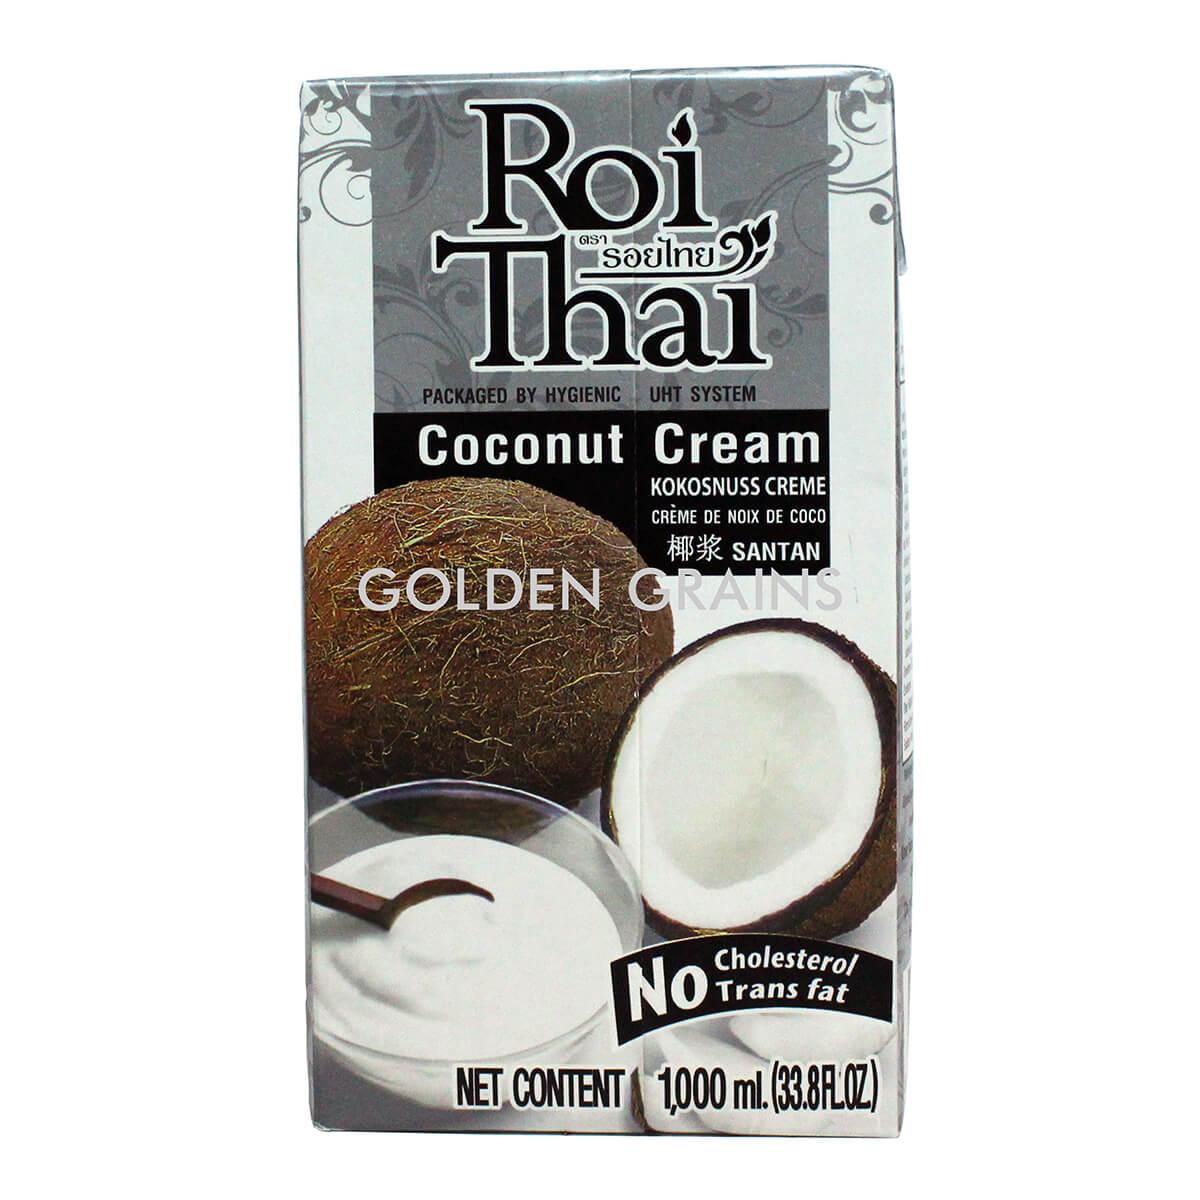 Roi Thai - Coconut Cream - Front.jpg